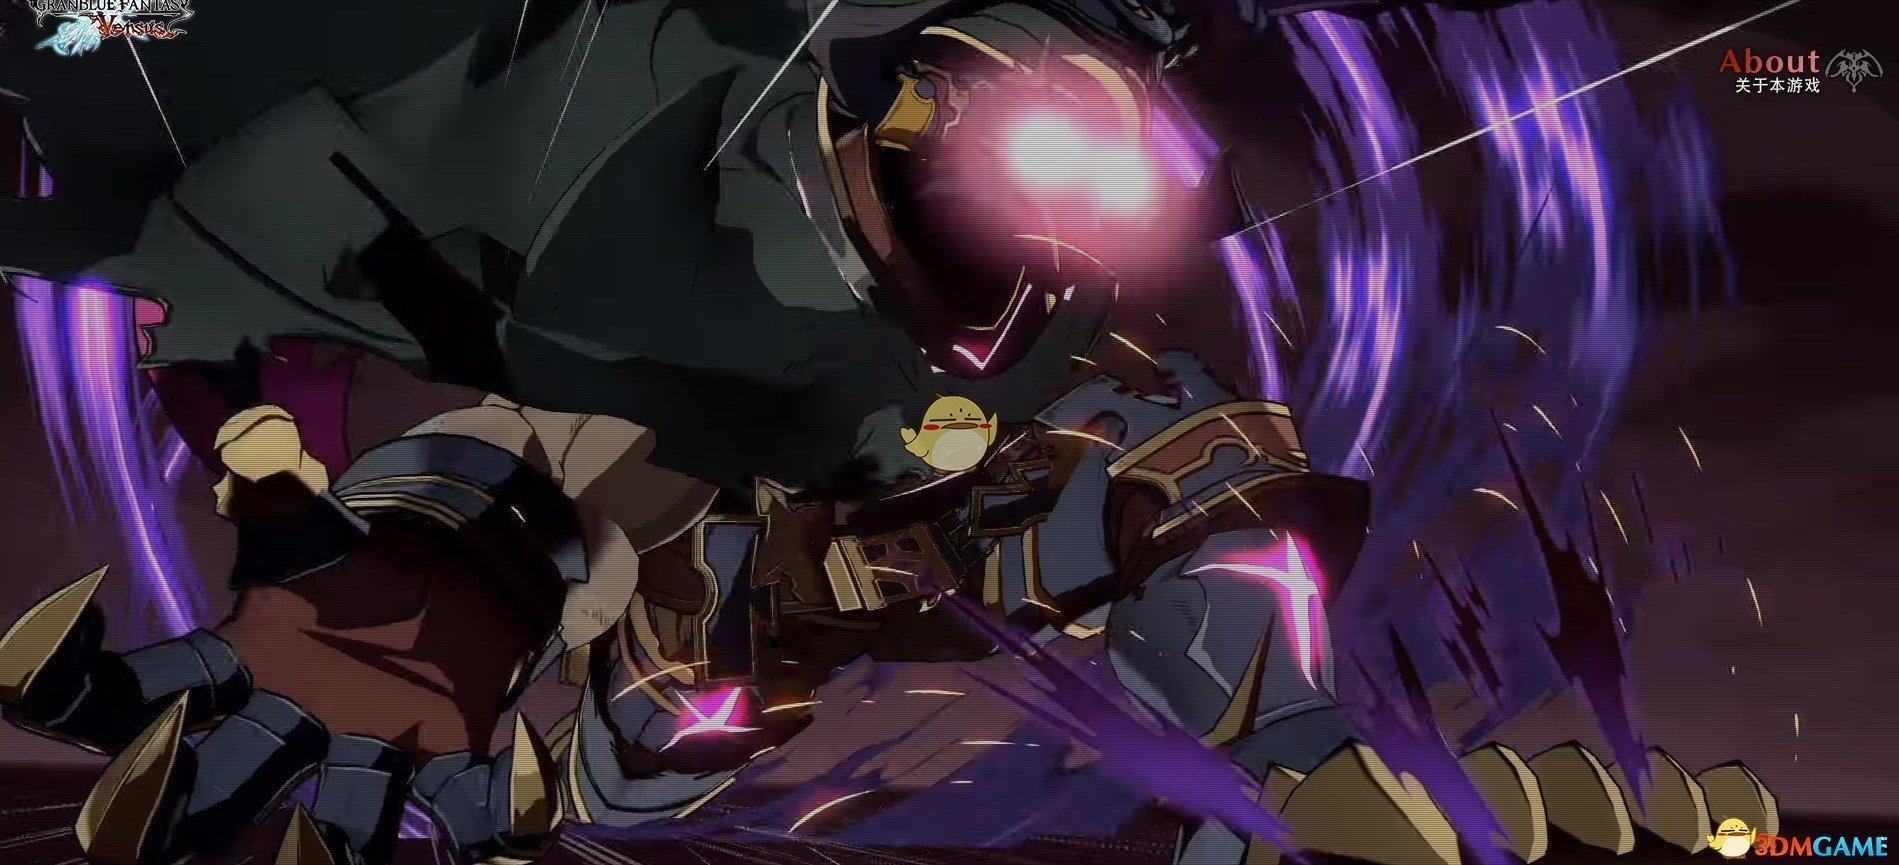 《碧蓝幻想Versus》游戏战斗规则介绍